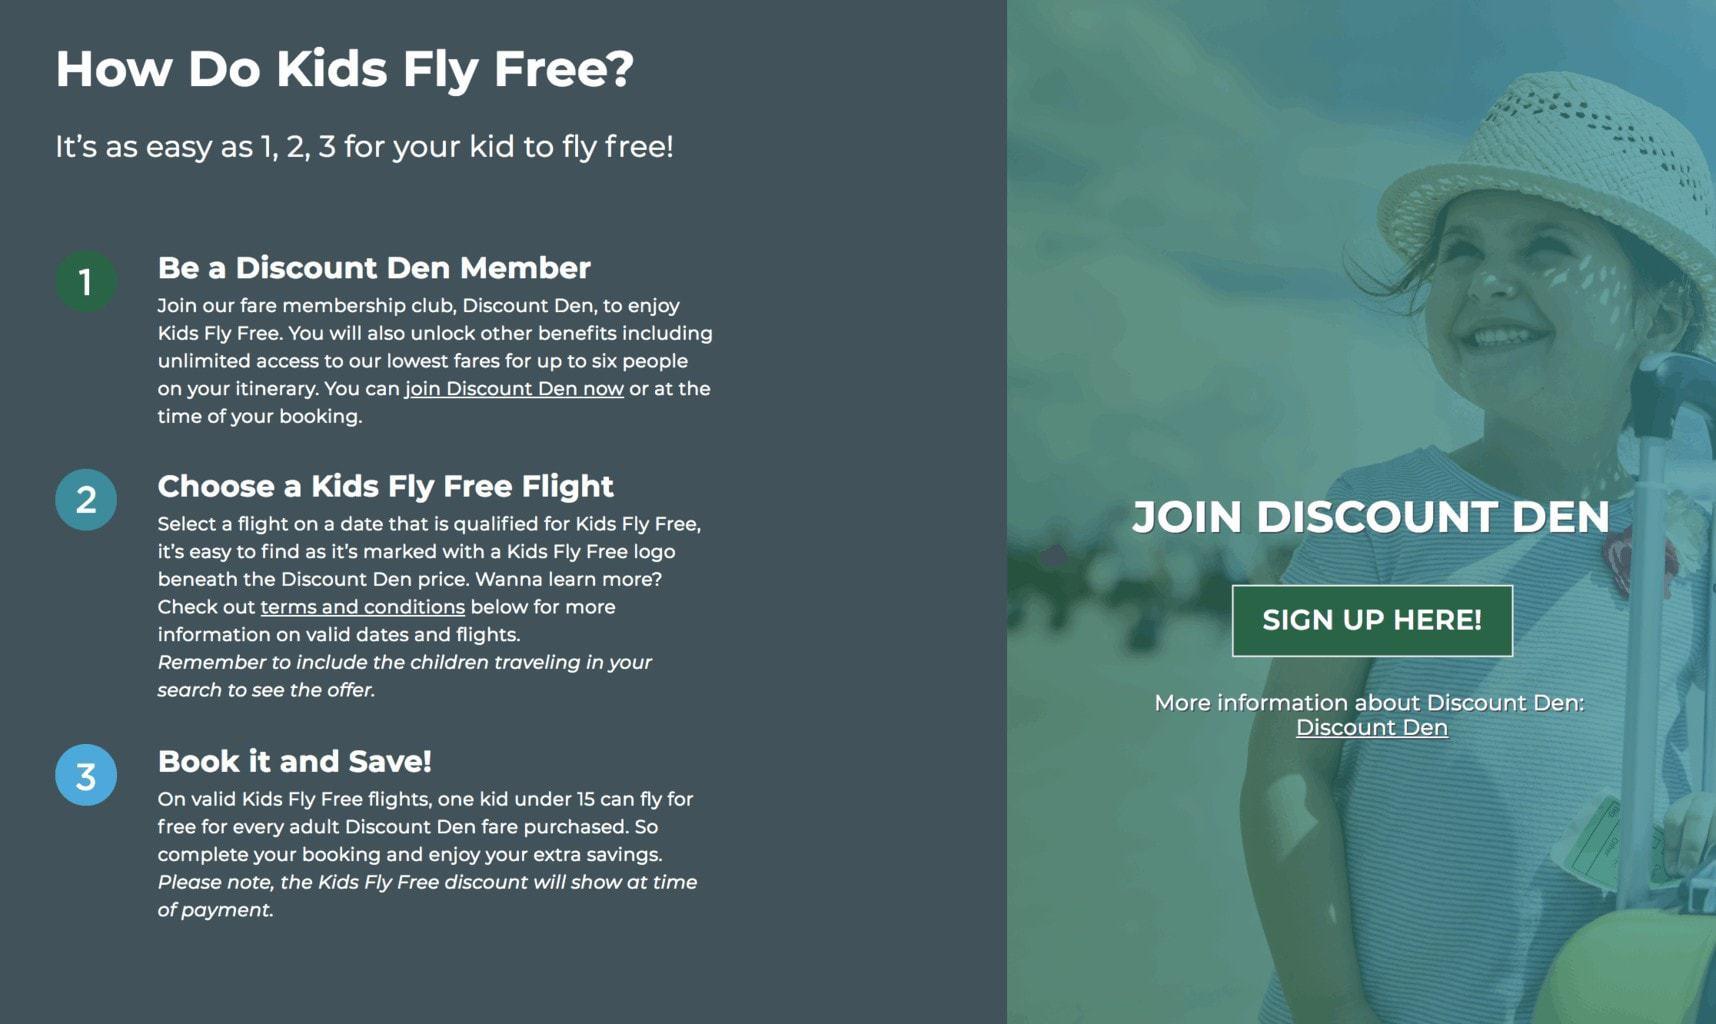 frontier airlines discount den membership